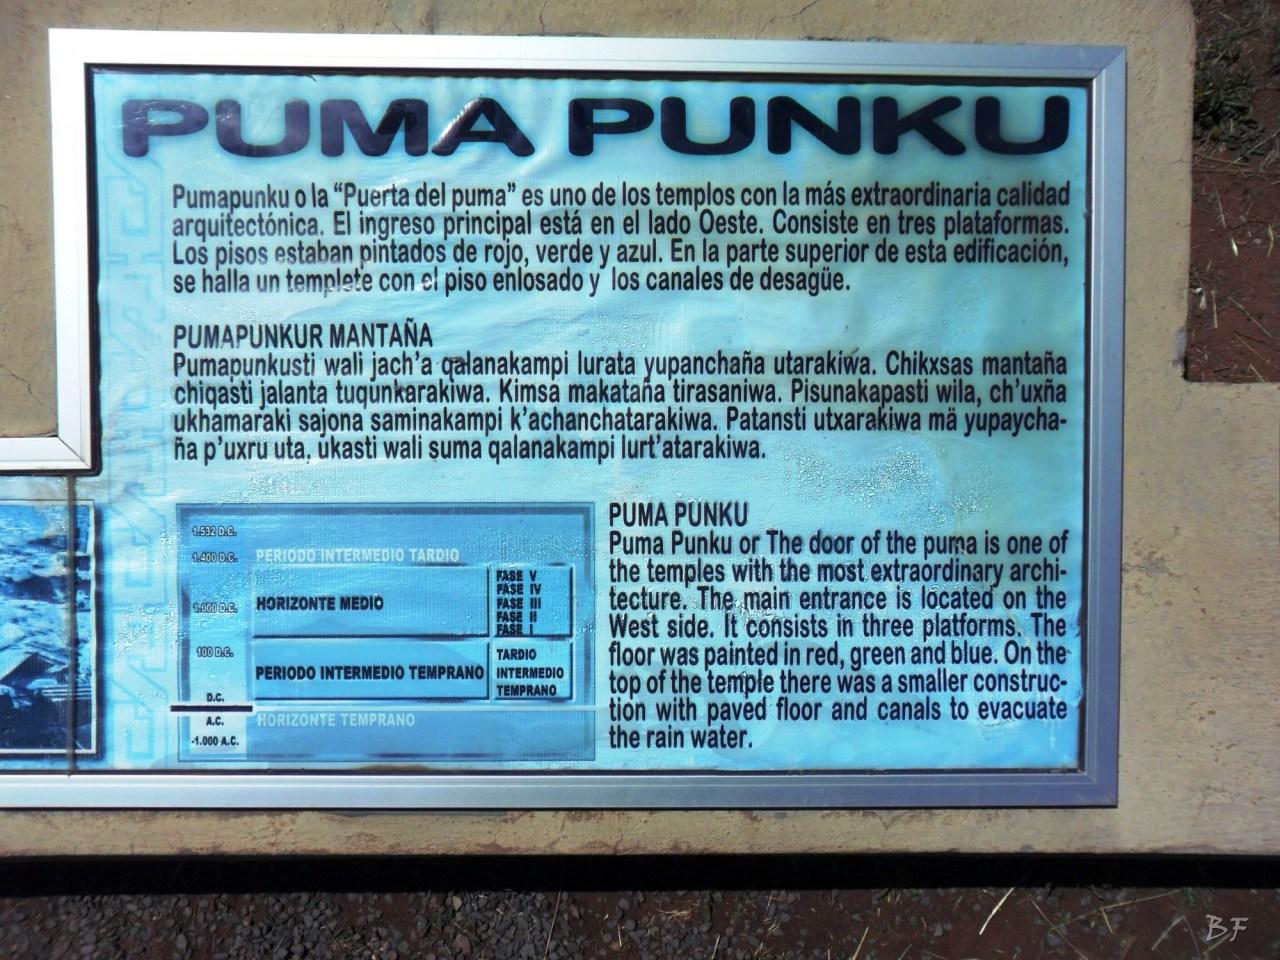 Puma-Punku-Area-Megalitica-Mura-Poligonali-Megaliti-Tiwanaku-Tiahuanaco-Bolivia-65